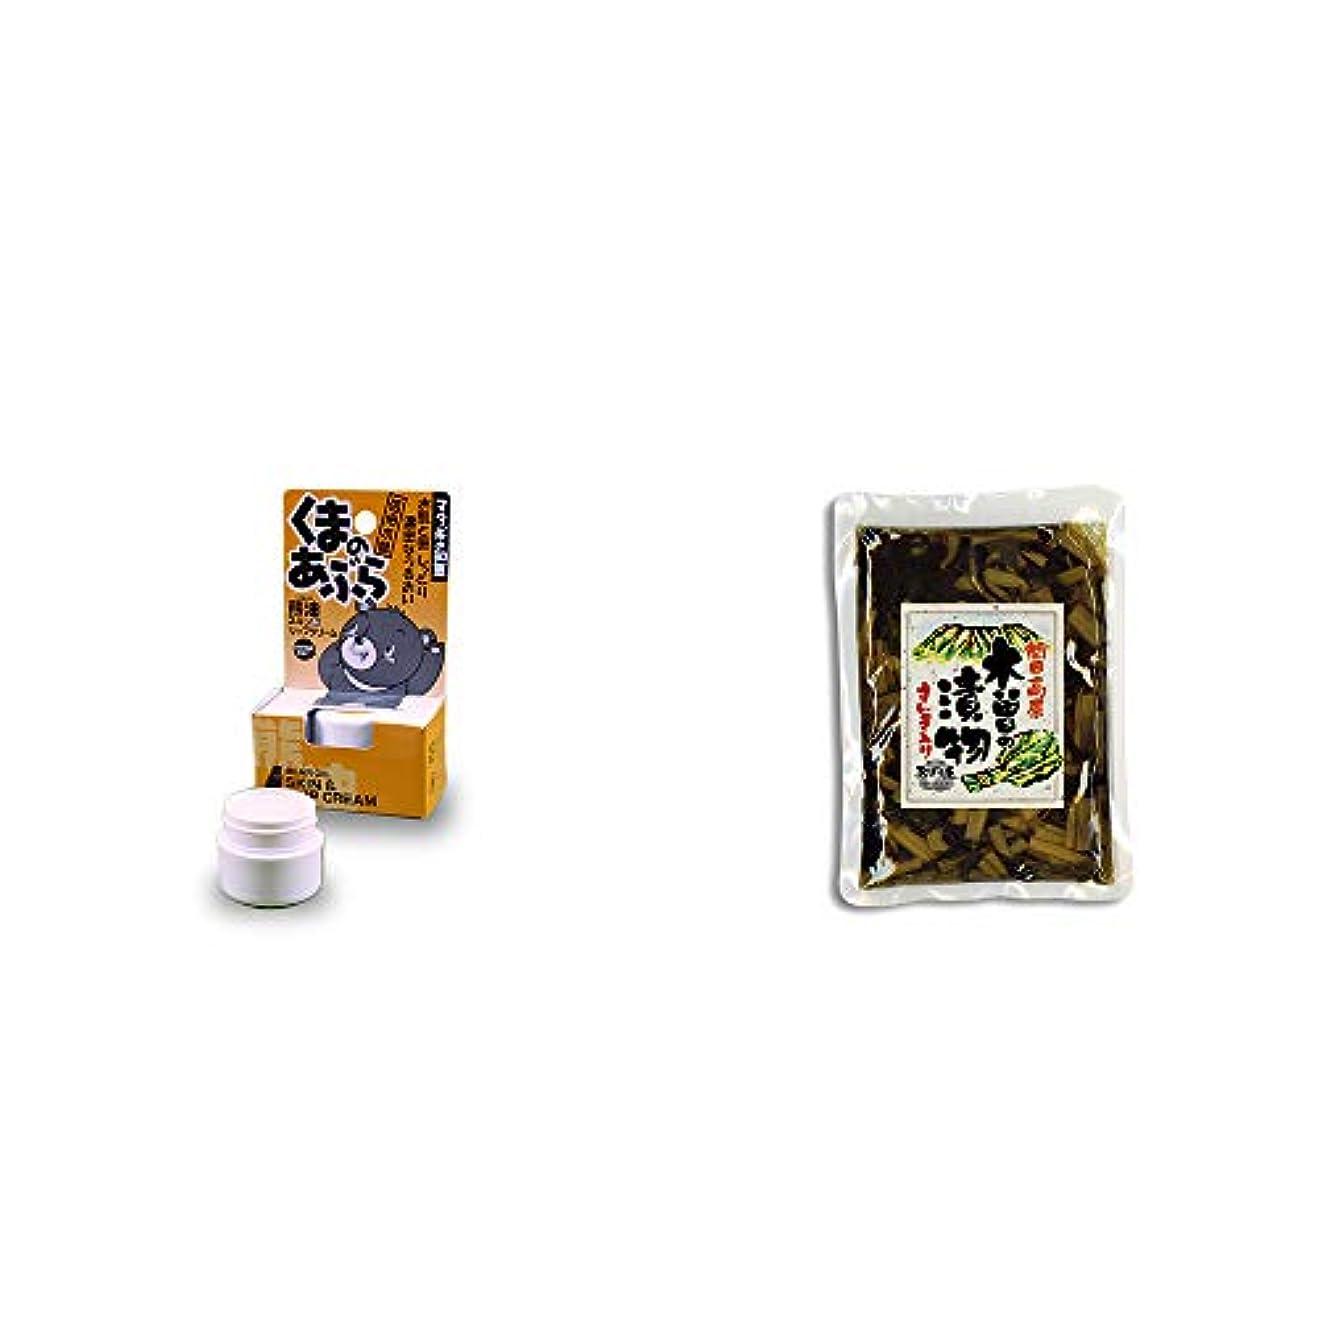 オーバーラン人種純度[2点セット] 信州木曽 くまのあぶら 熊油スキン&リップクリーム(9g)?【年中販売】木曽の漬物 すんき入り(200g) / すんき漬け味付加工品 //